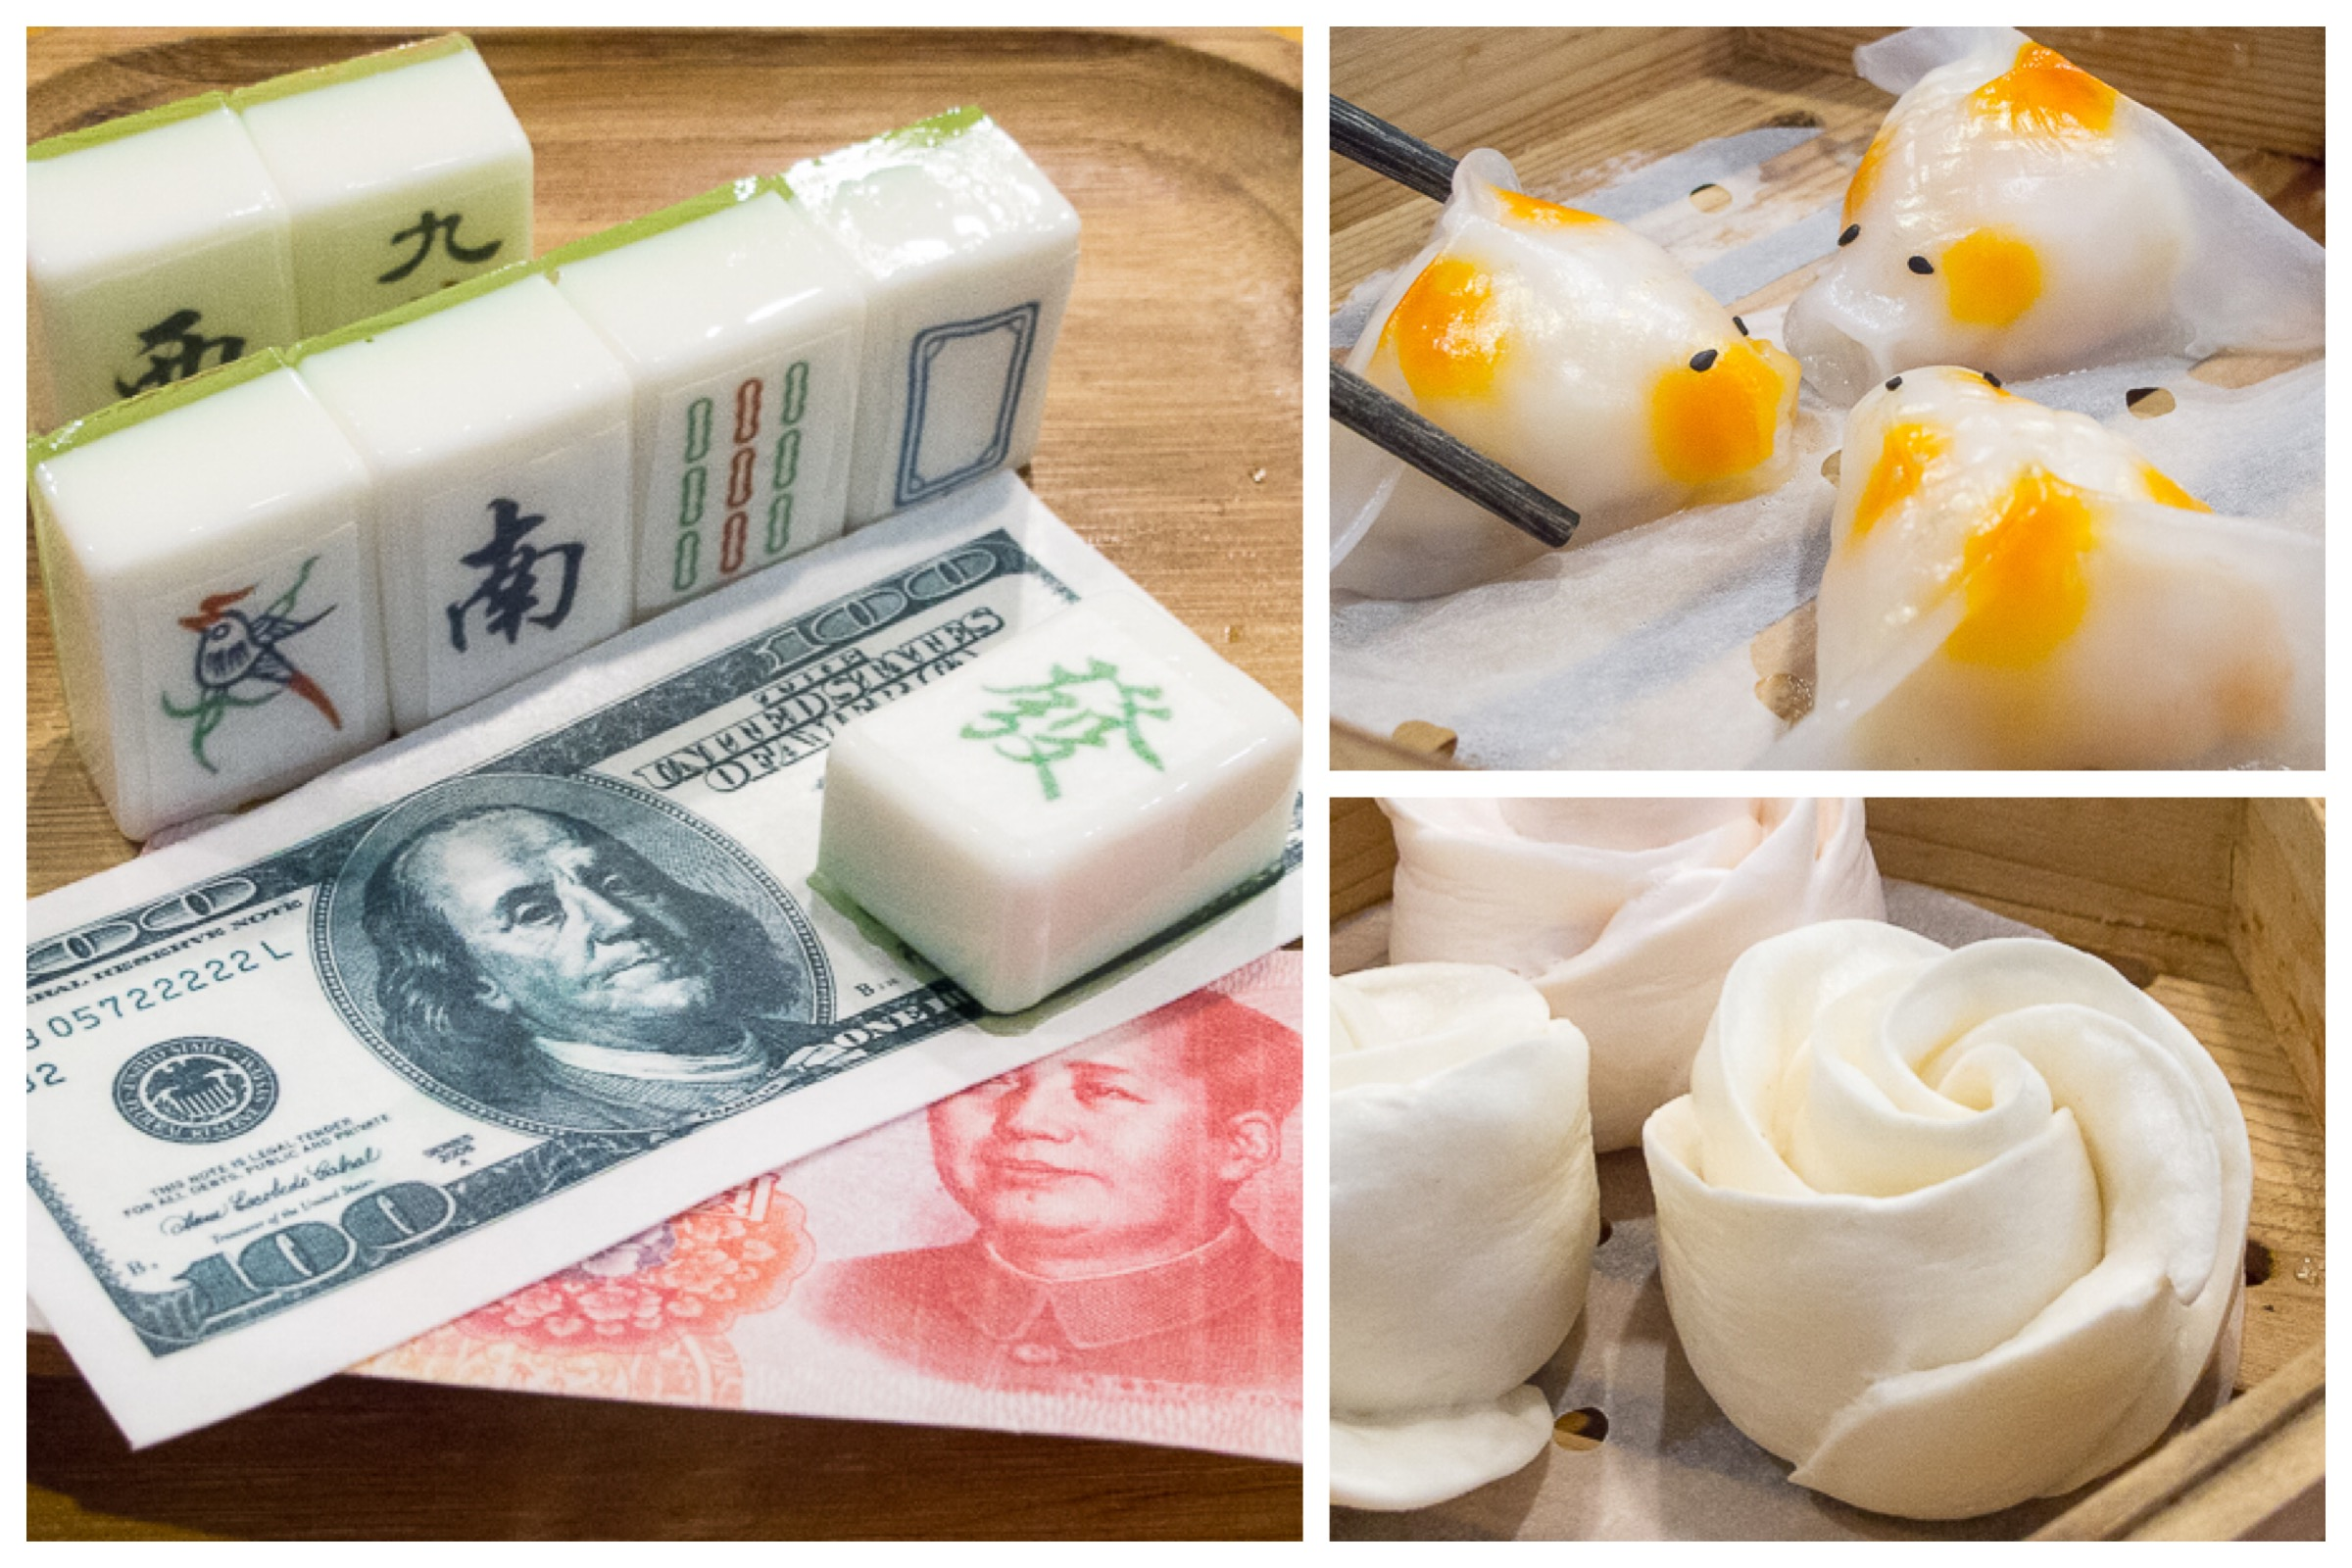 Ming Bistro 名館 –  Cute, Animal Dim Sum And Edible Mahjong Tiles, At Hong Kong Central